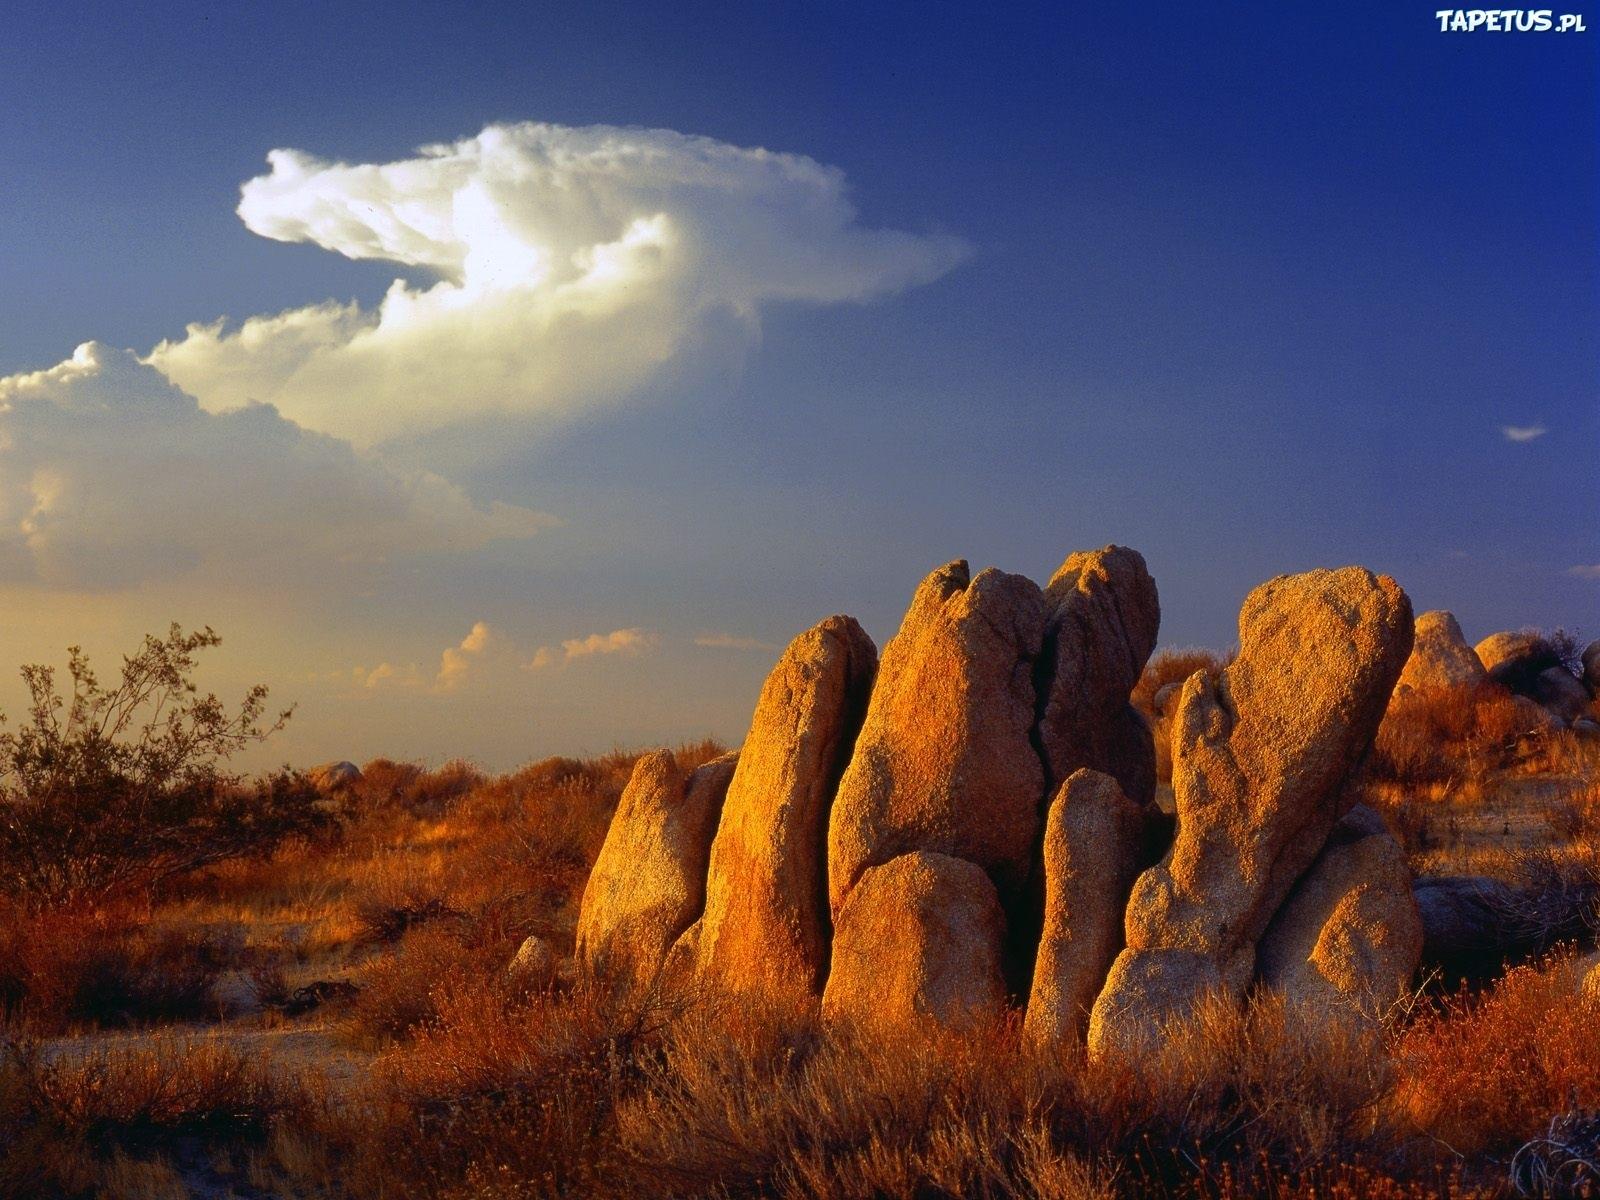 природа трава облака небо камни загрузить